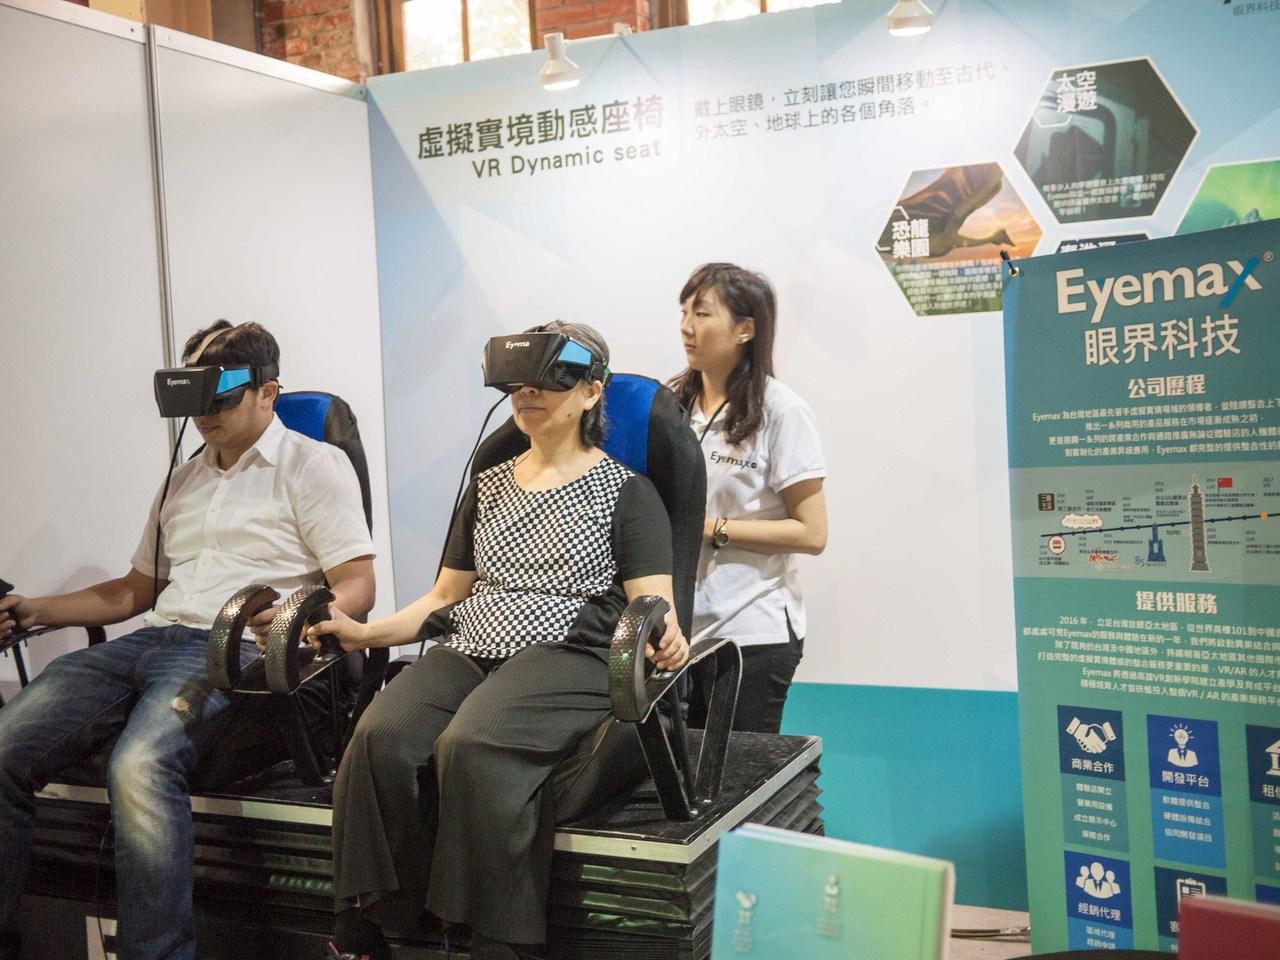 教育部及經濟部推動VR產業,希望VR也能在教育上落實。記者林良齊/攝影